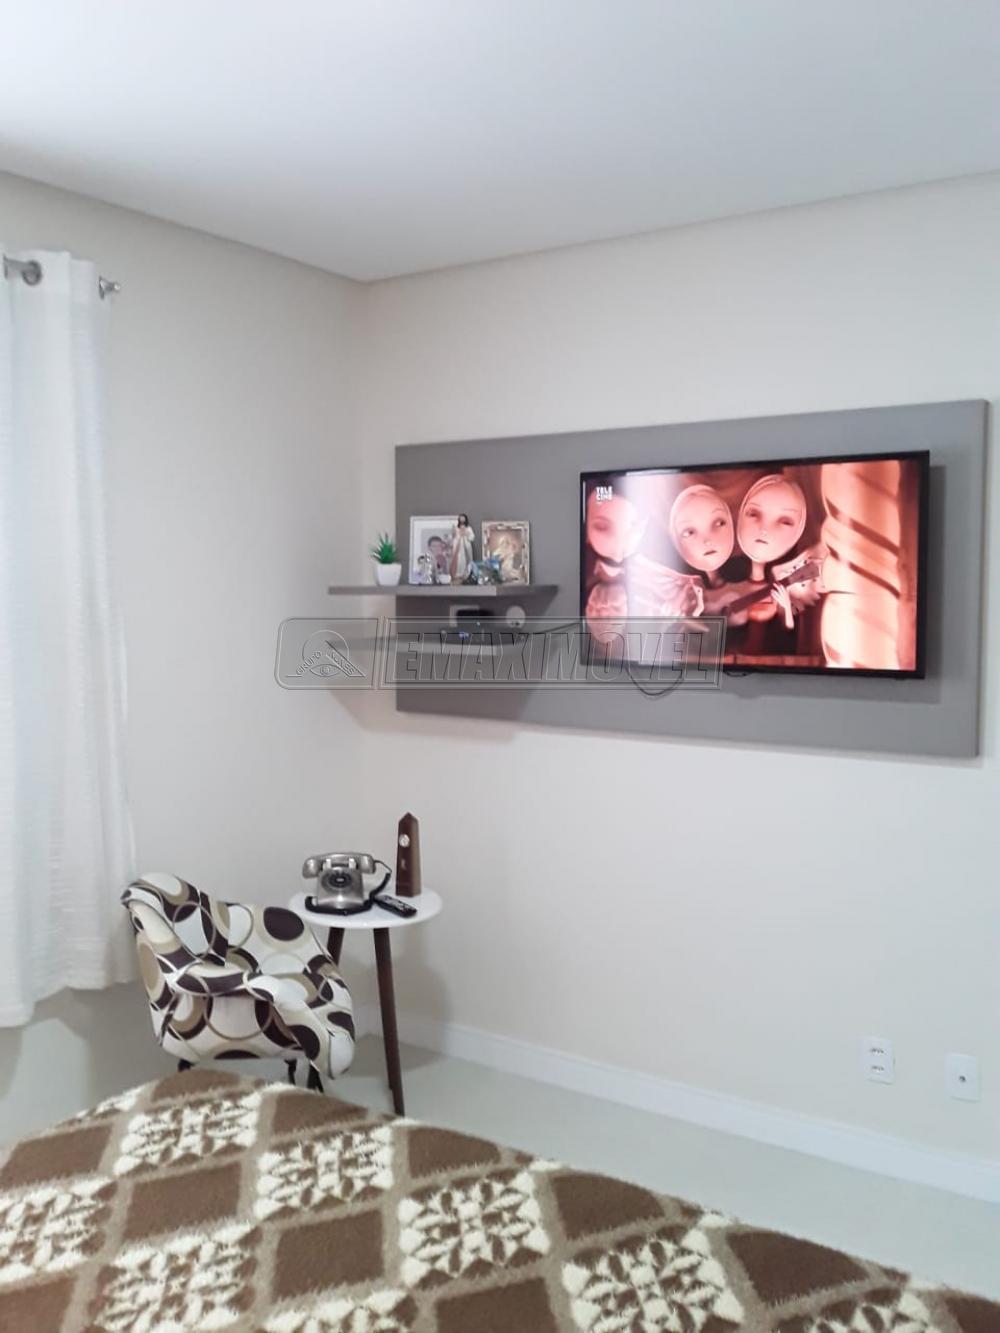 Comprar Apartamento / Padrão em Sorocaba R$ 270.000,00 - Foto 18